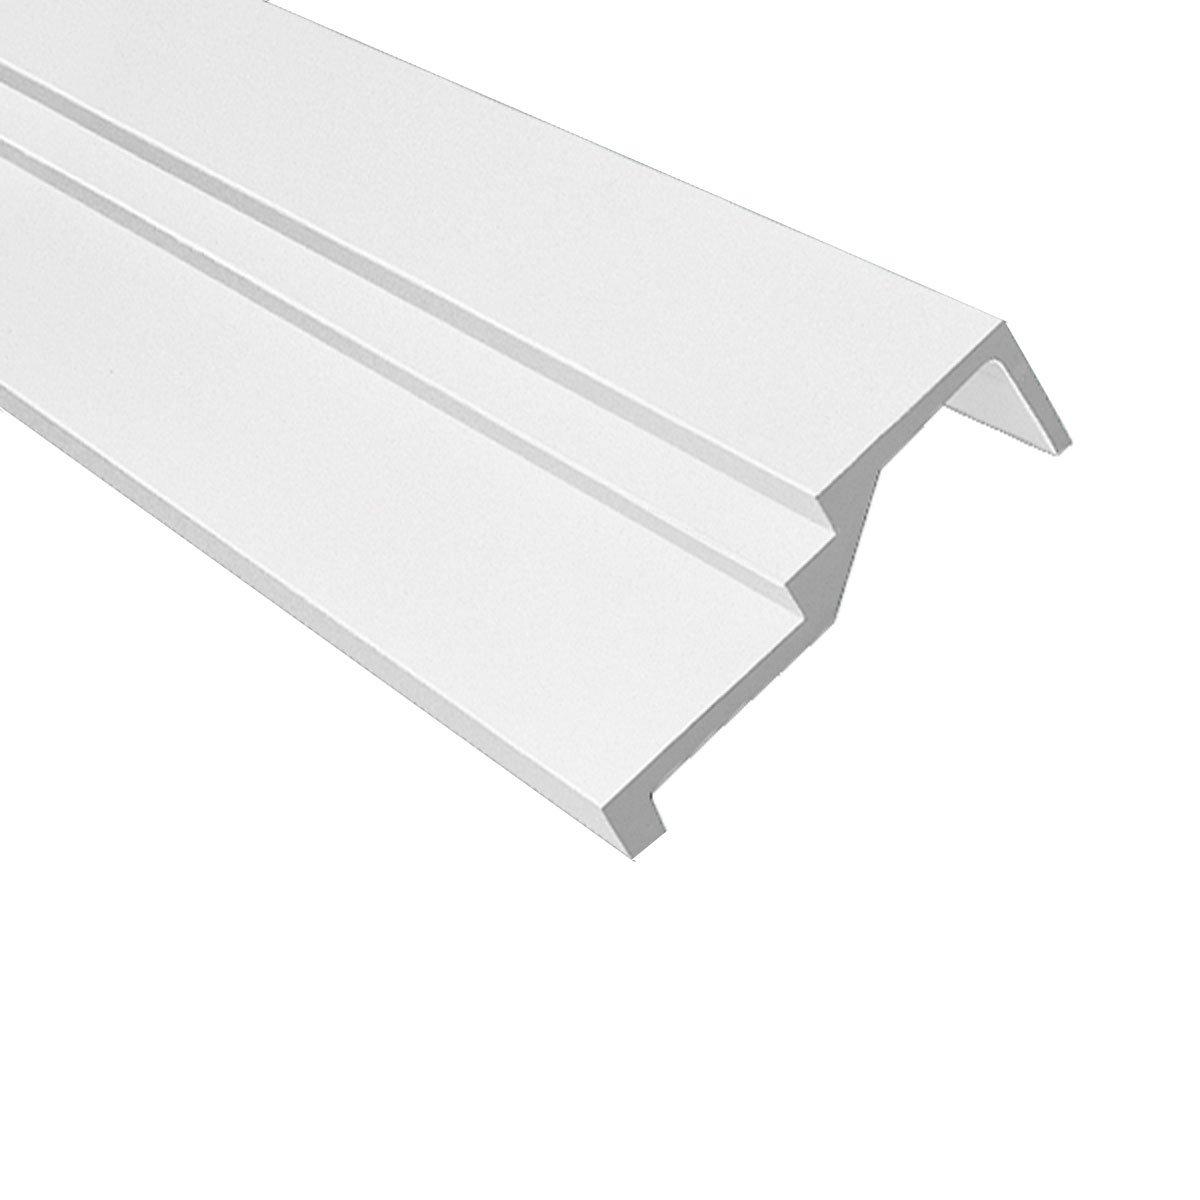 17''H x 5 1/2''P, 12' Length, Door/Window Moulding